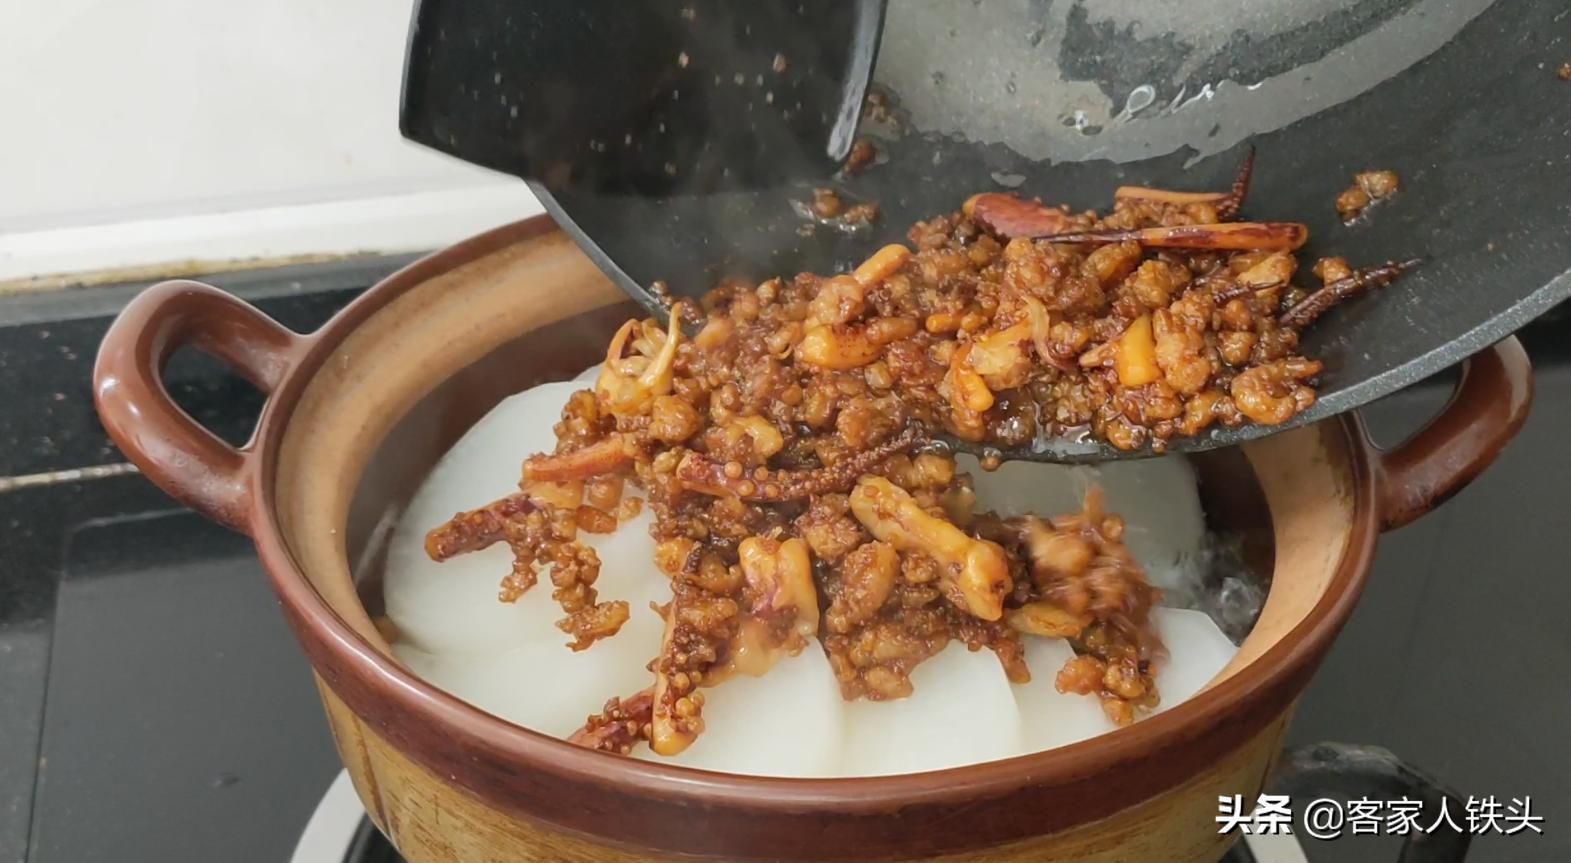 萝卜煲又有新吃法,这样做一锅,鲜香入味又好吃,上桌汁都吃不剩